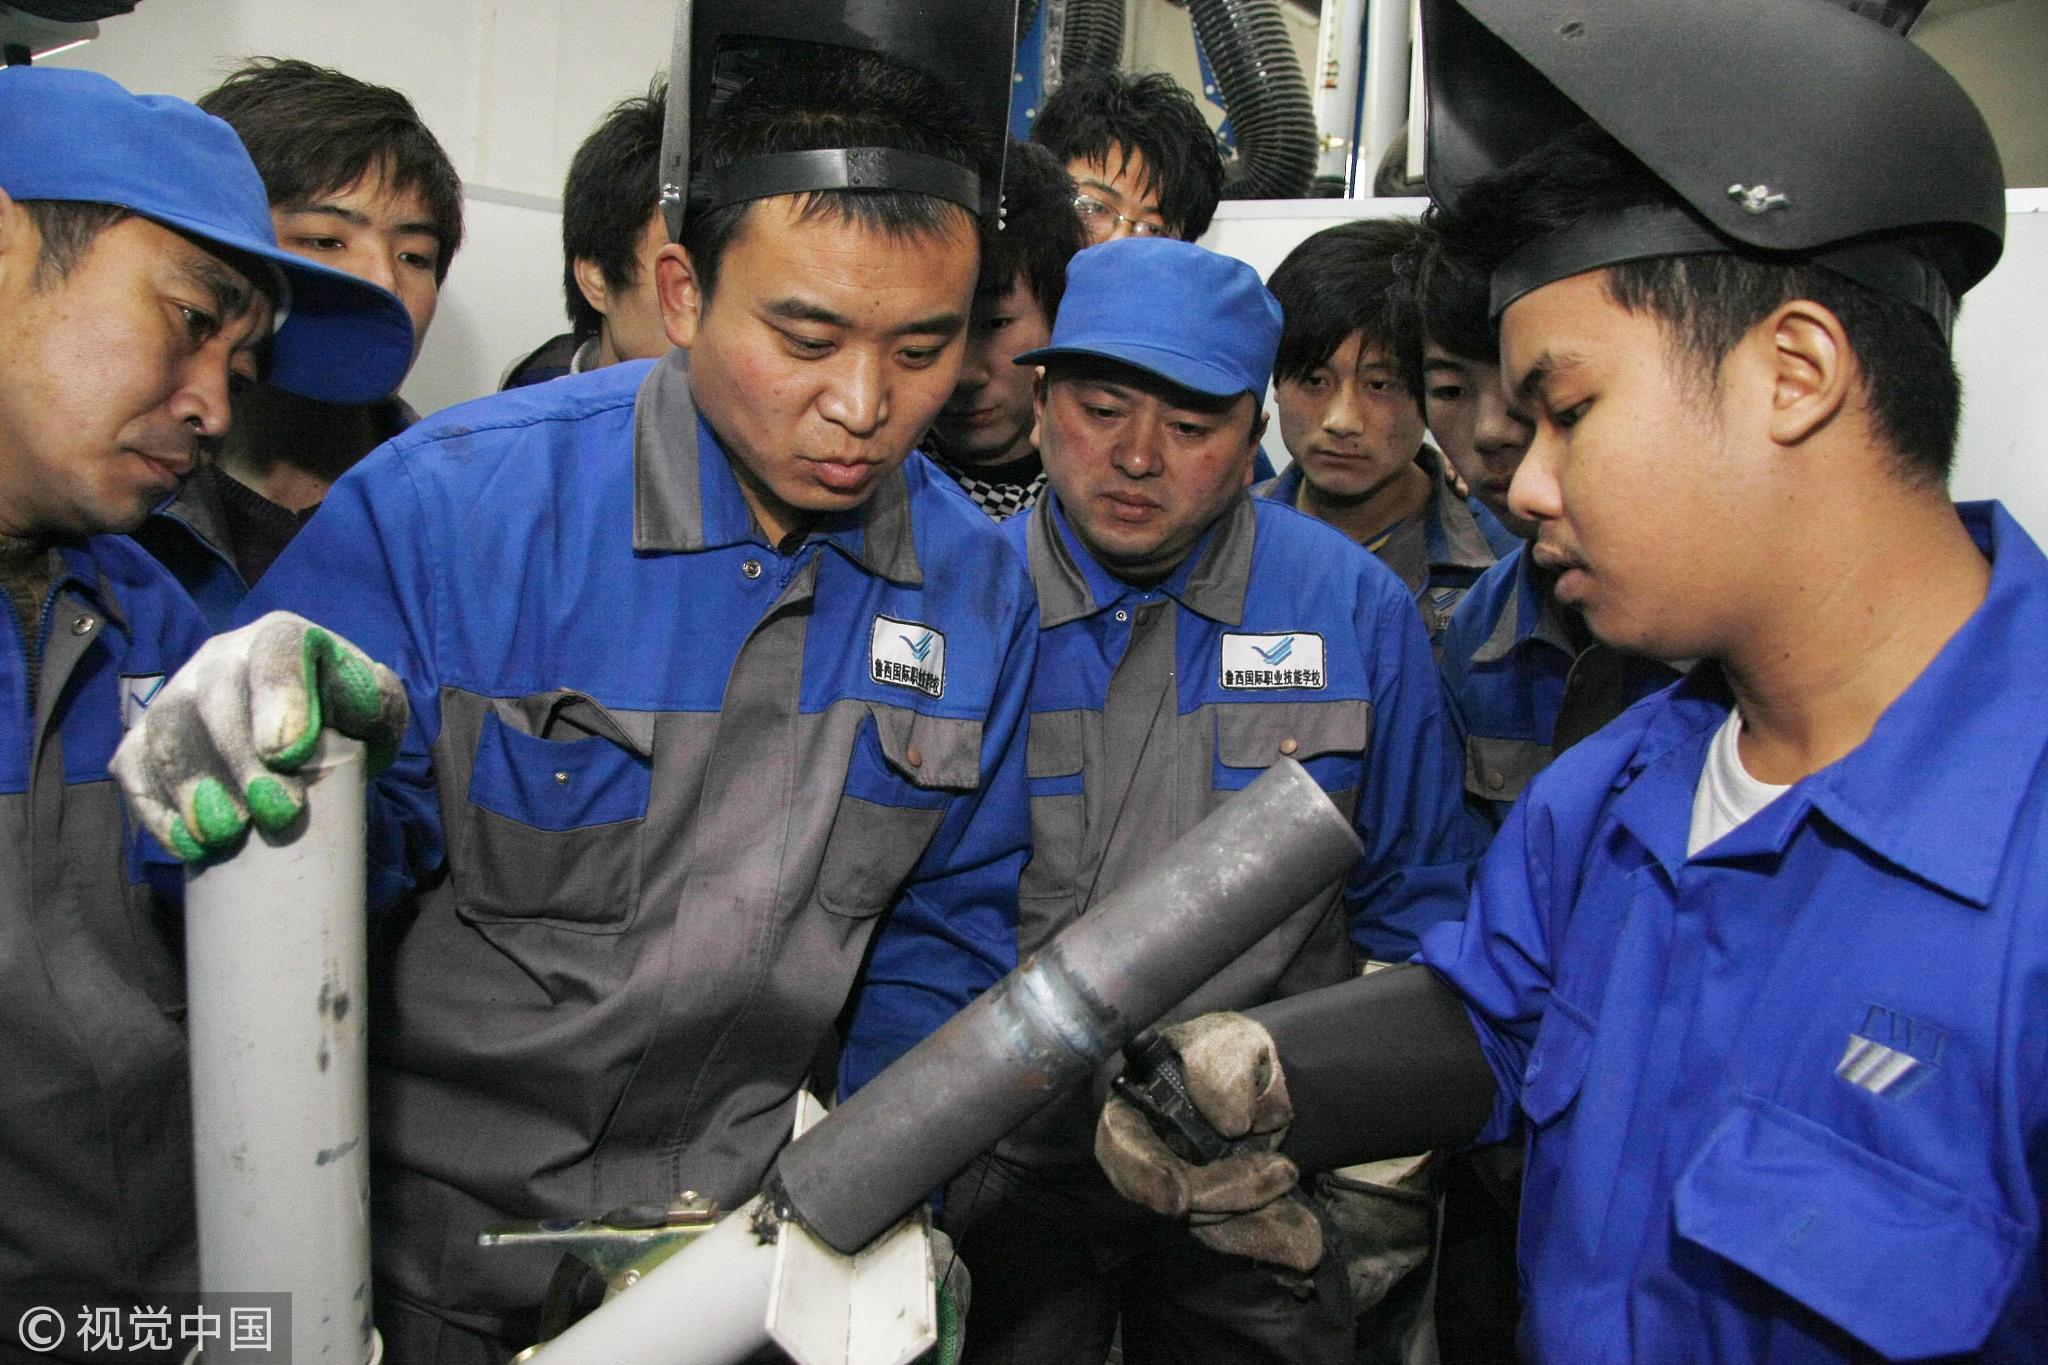 接受过正规职业训练的农民工少之又少/视觉中国